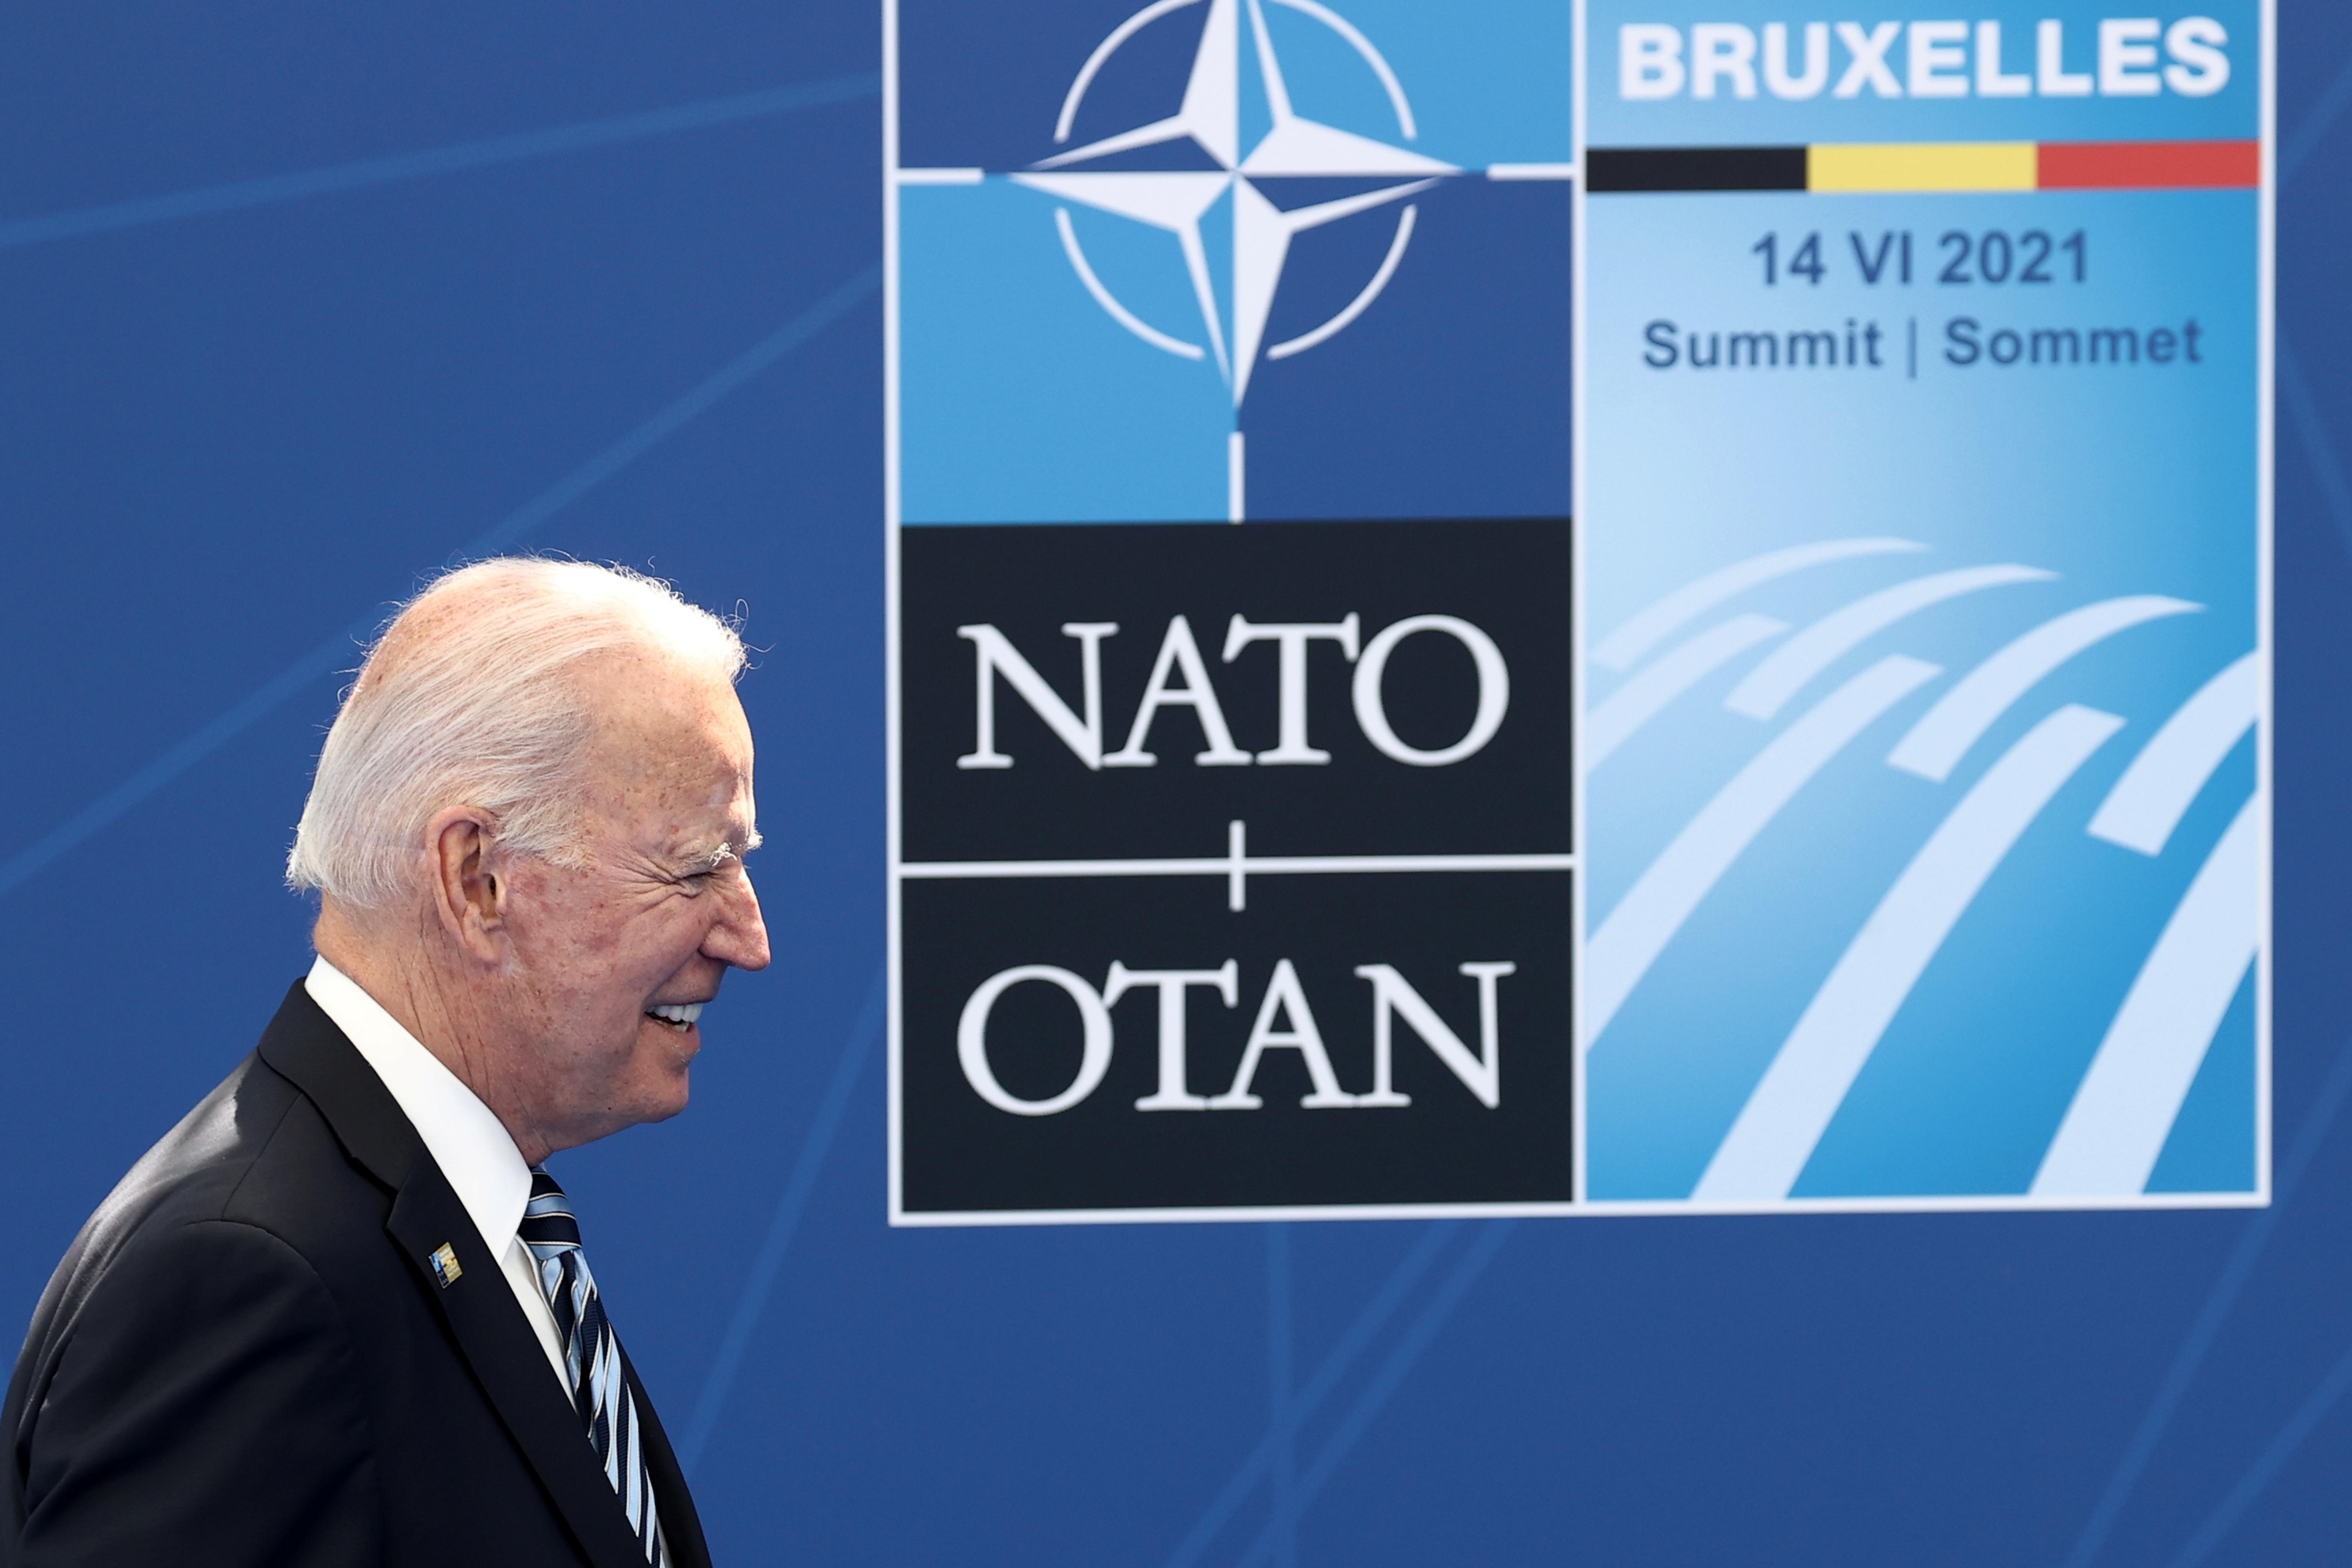 JAV prezidentas Joe Bidenas atvyksta papozuoti su NATO generaliniu sekretoriumi Jensu Stoltenbergu per NATO viršūnių susitikimą Aljanso būstinėje, Briuselyje, Belgijoje, 14 m. Birželio 2021 d. Kenzo Tribouillard / Pool per REUTERS